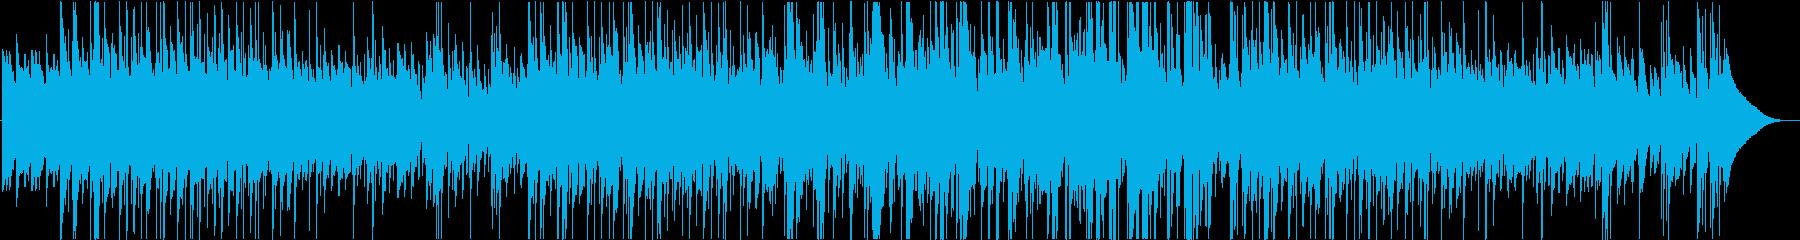 ギター2本による6/8の曲の再生済みの波形